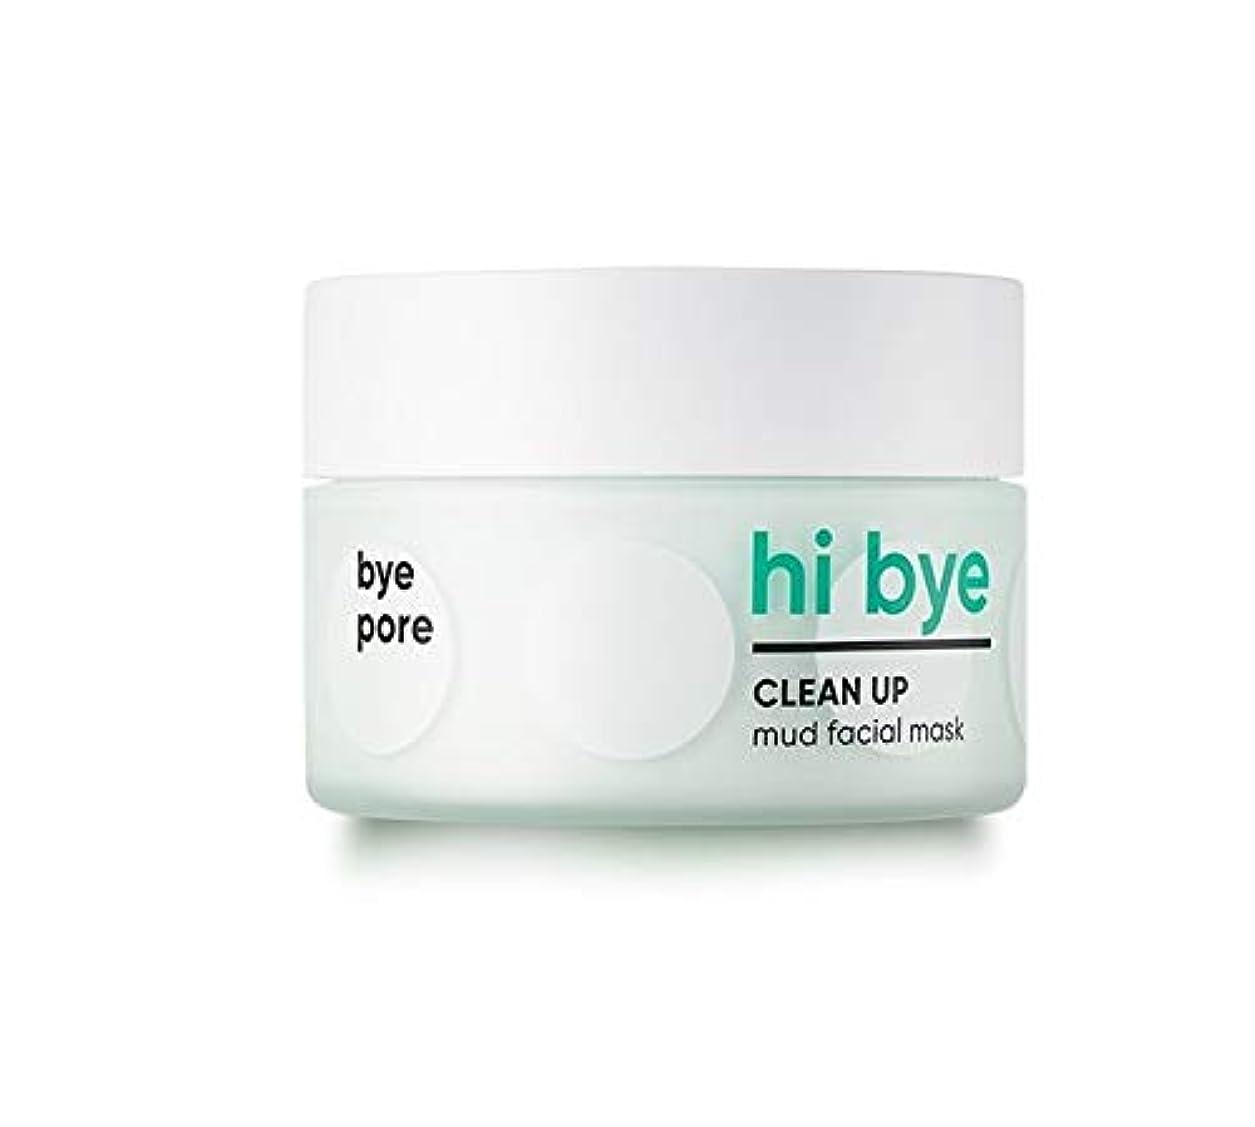 征服者小康パキスタンbanilaco こんにちはバイクリーンアップマッドフェイシャルマスク/Hi Bye Clean Up Mud Facial Mask 100ml [並行輸入品]